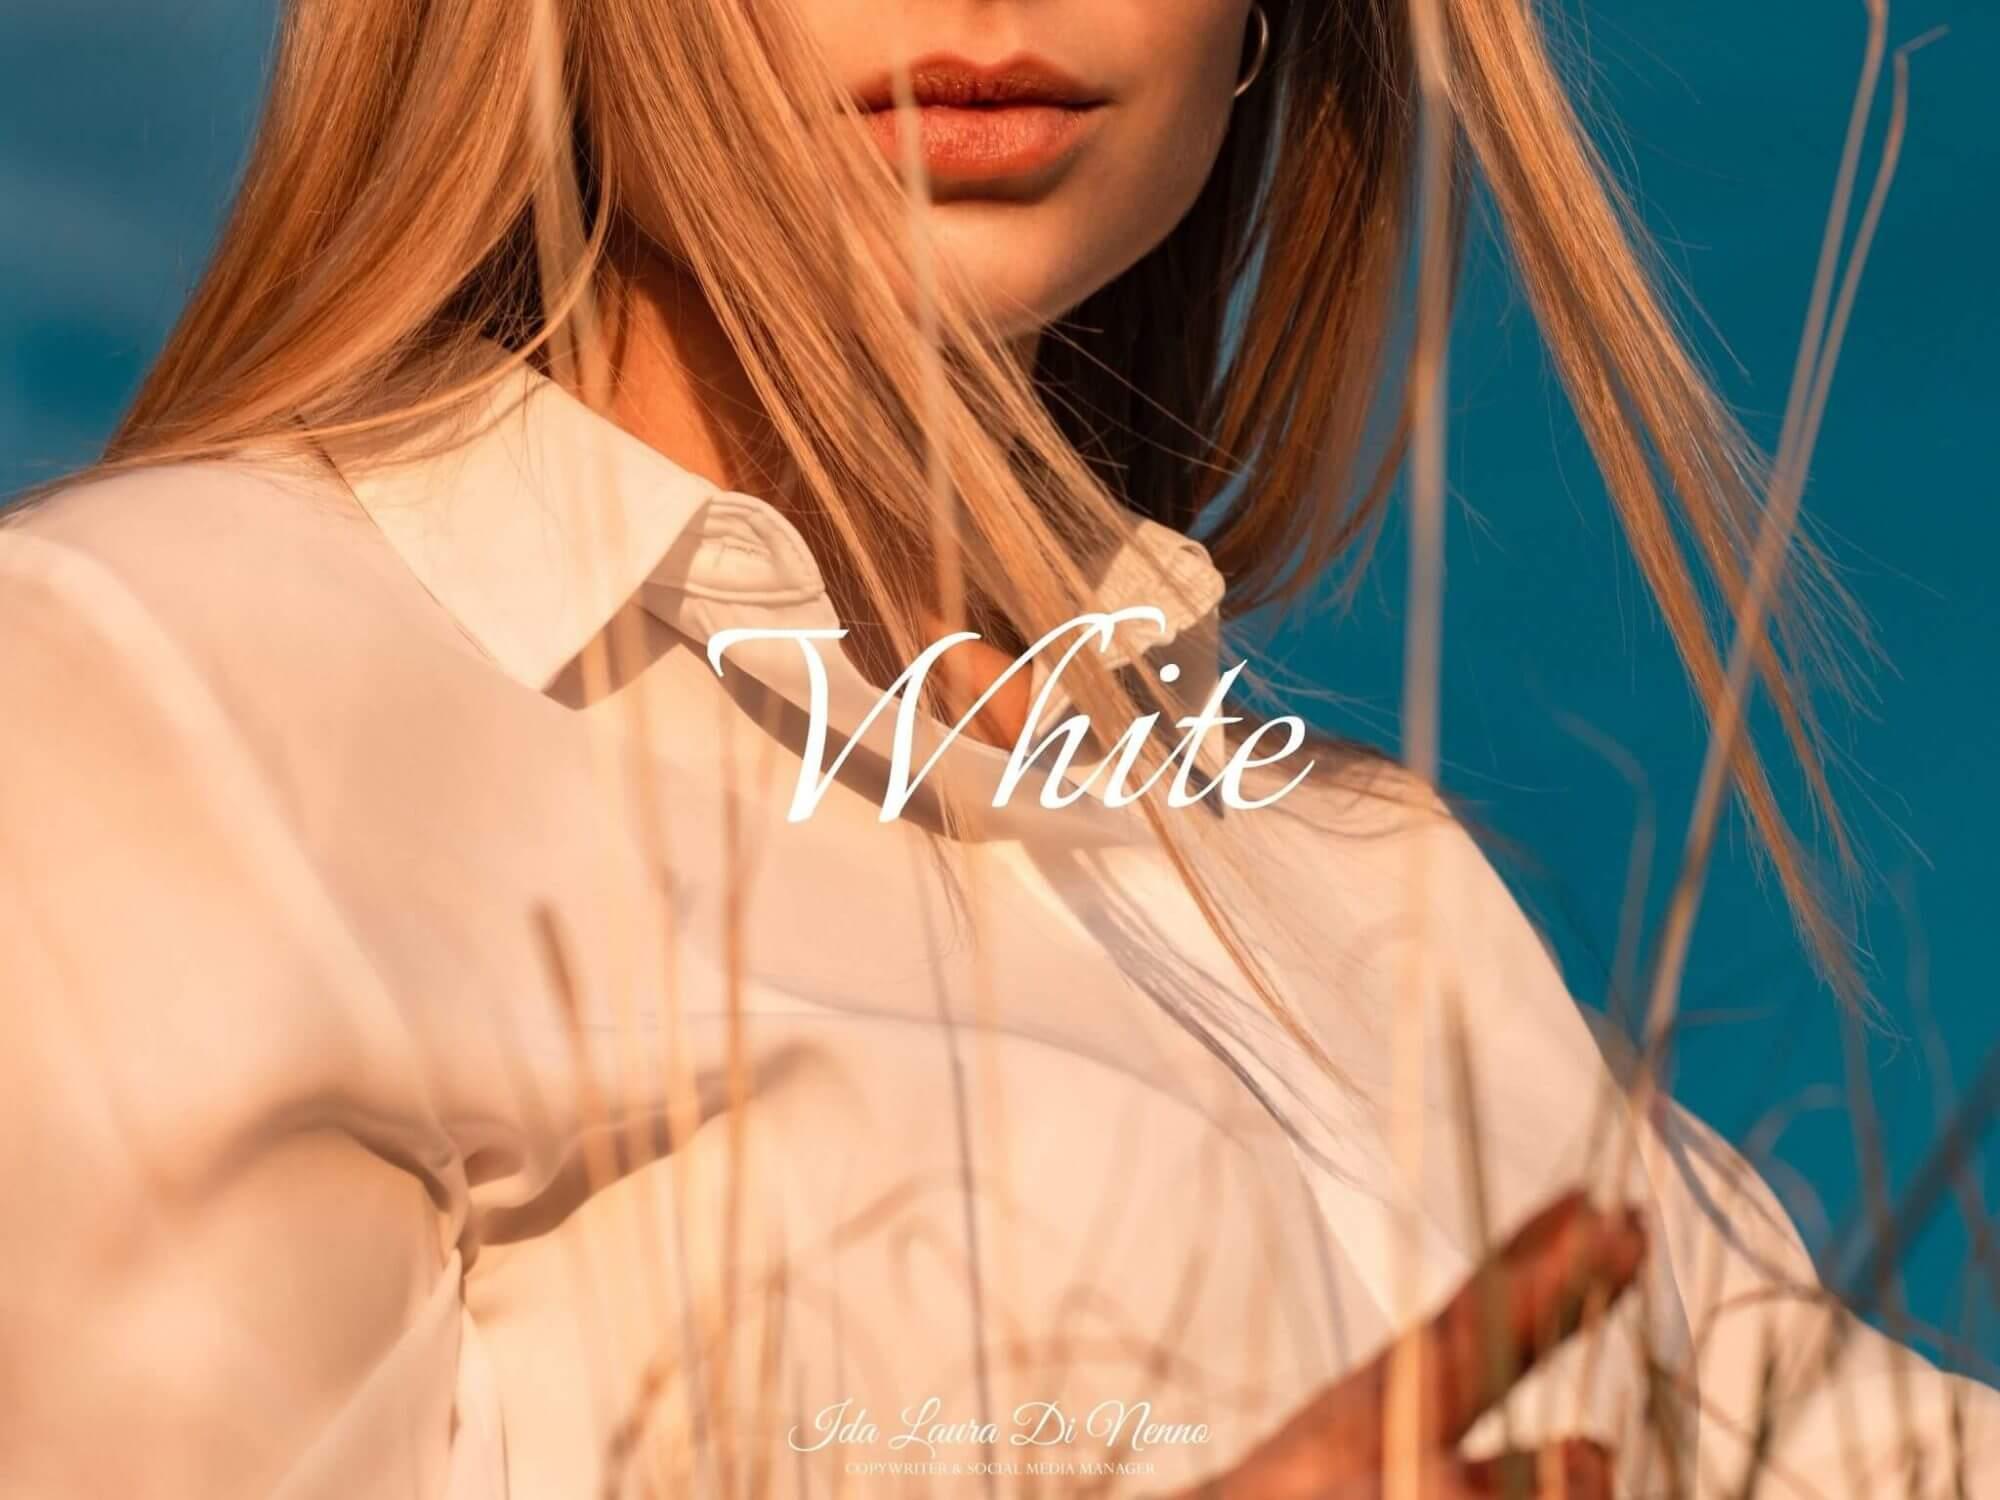 White: la bellezza della semplicità